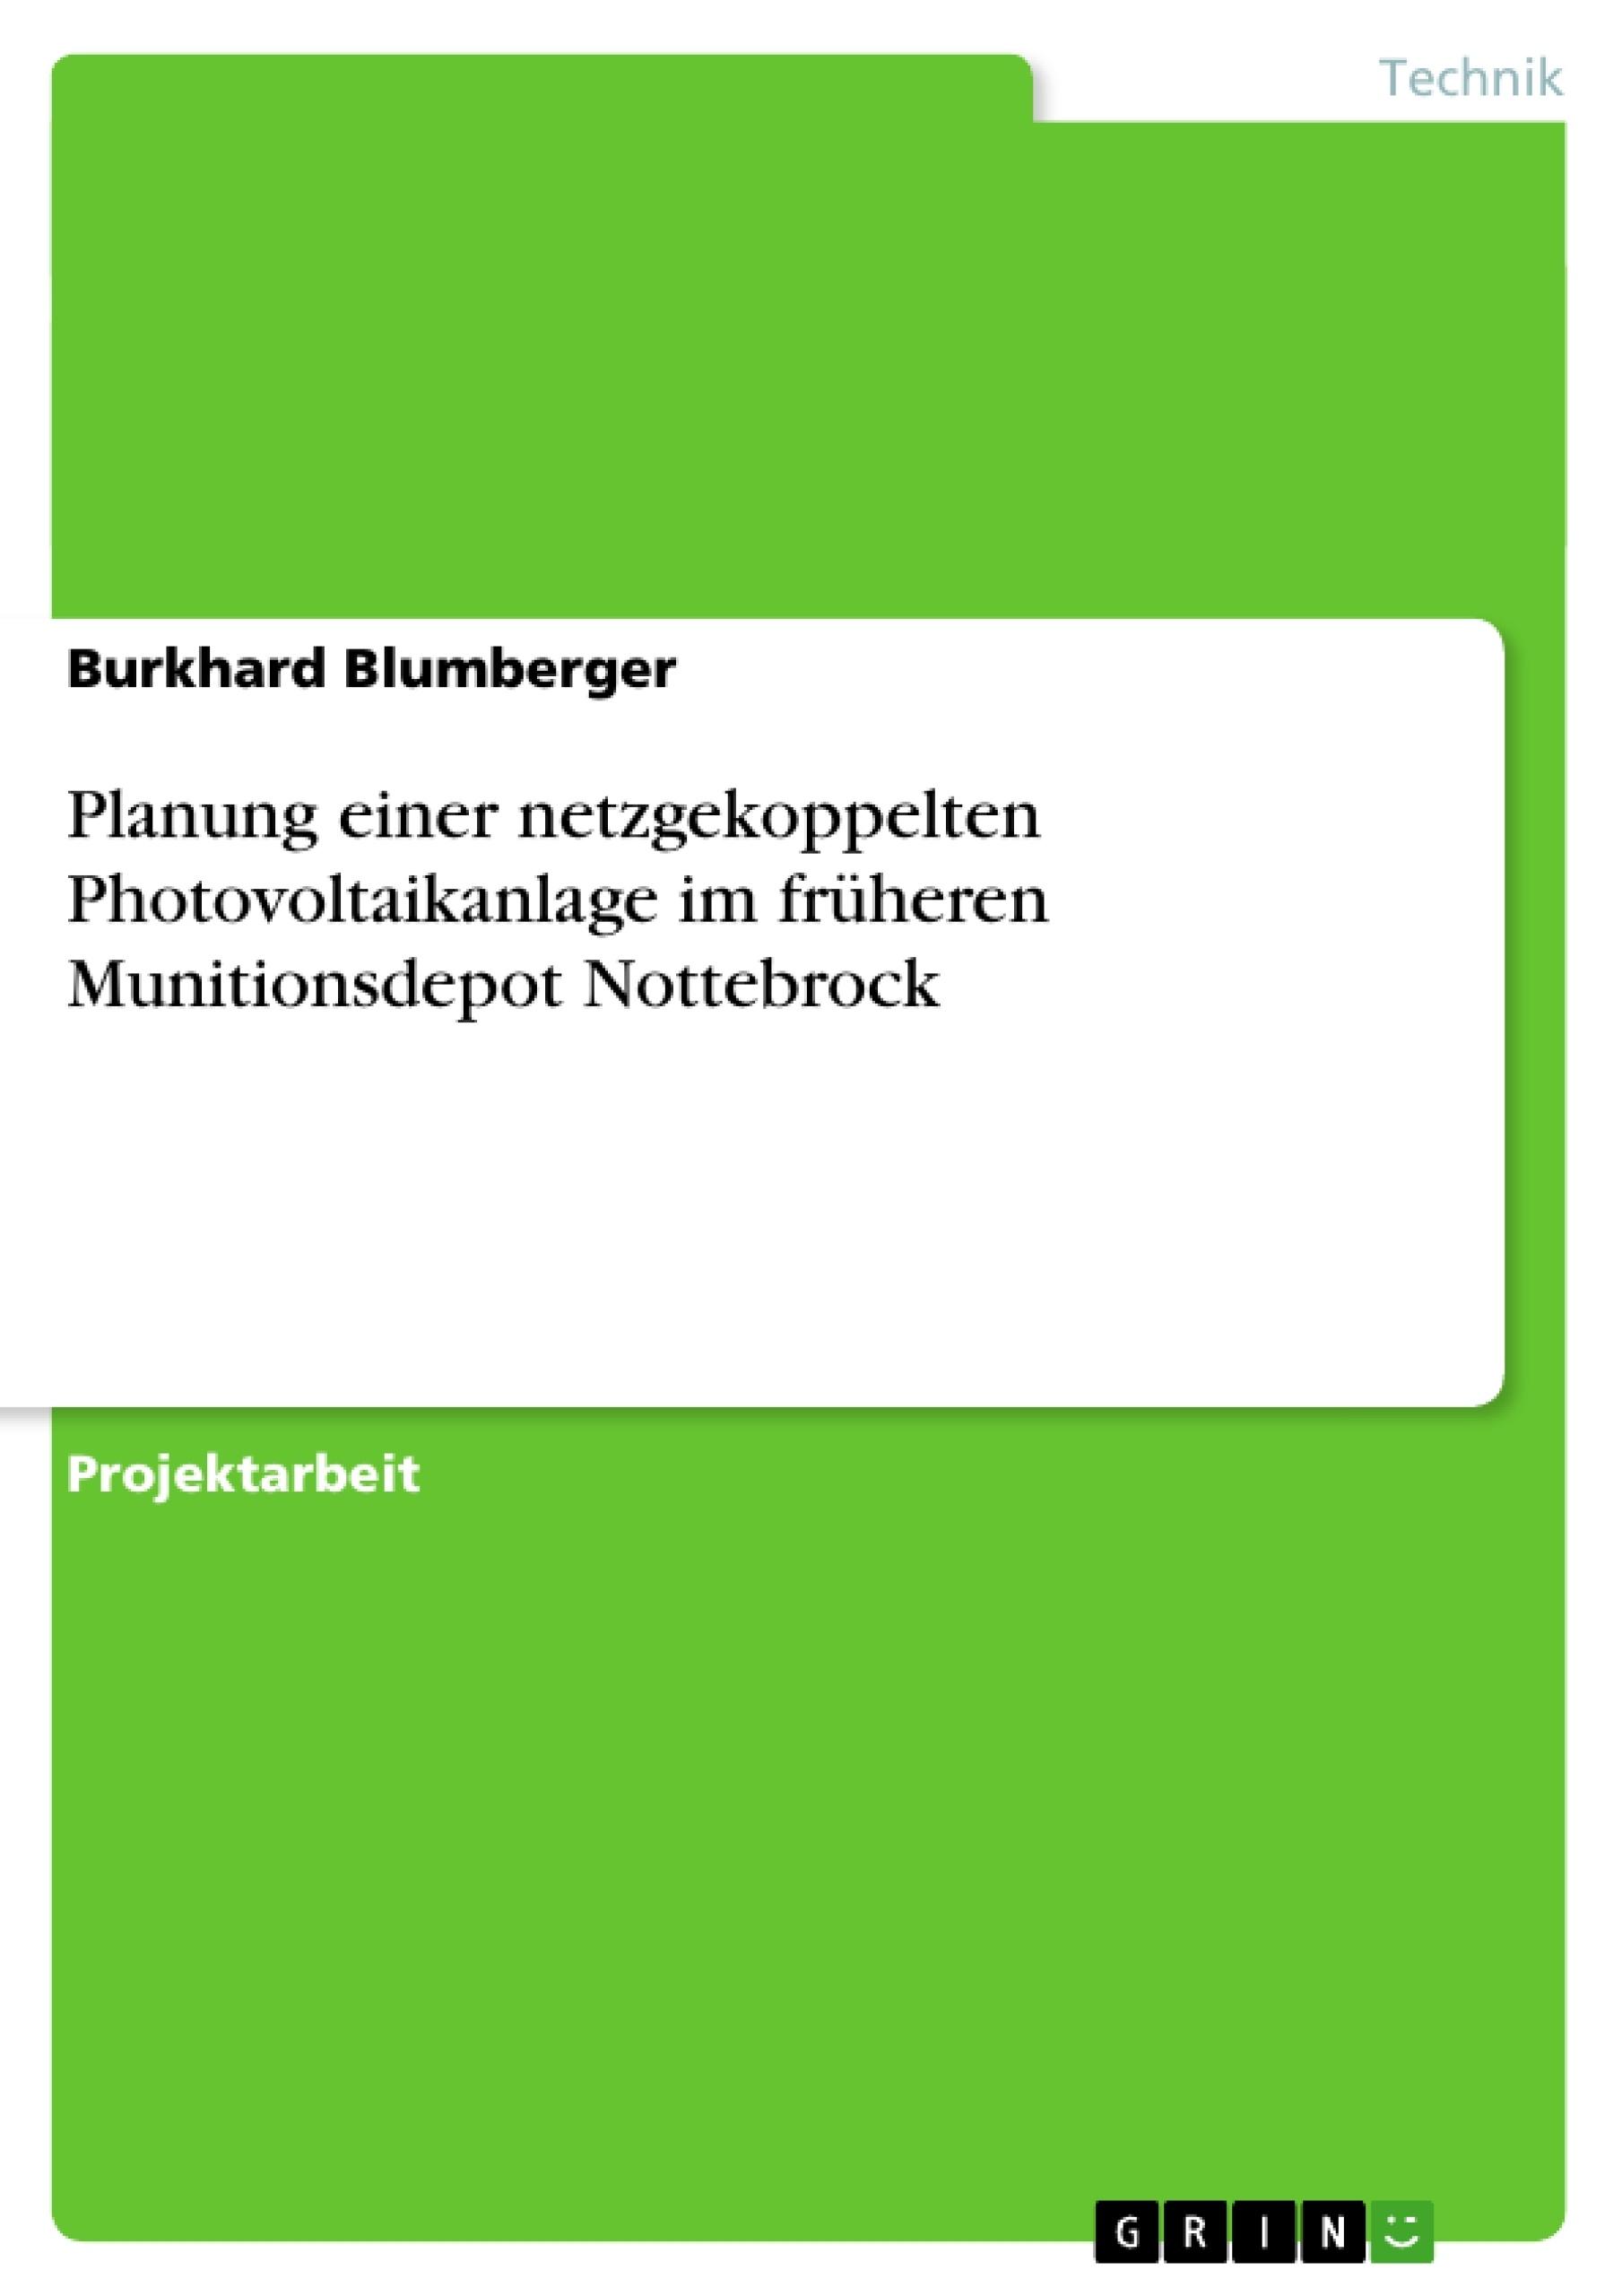 Titel: Planung einer netzgekoppelten Photovoltaikanlage im früheren Munitionsdepot Nottebrock